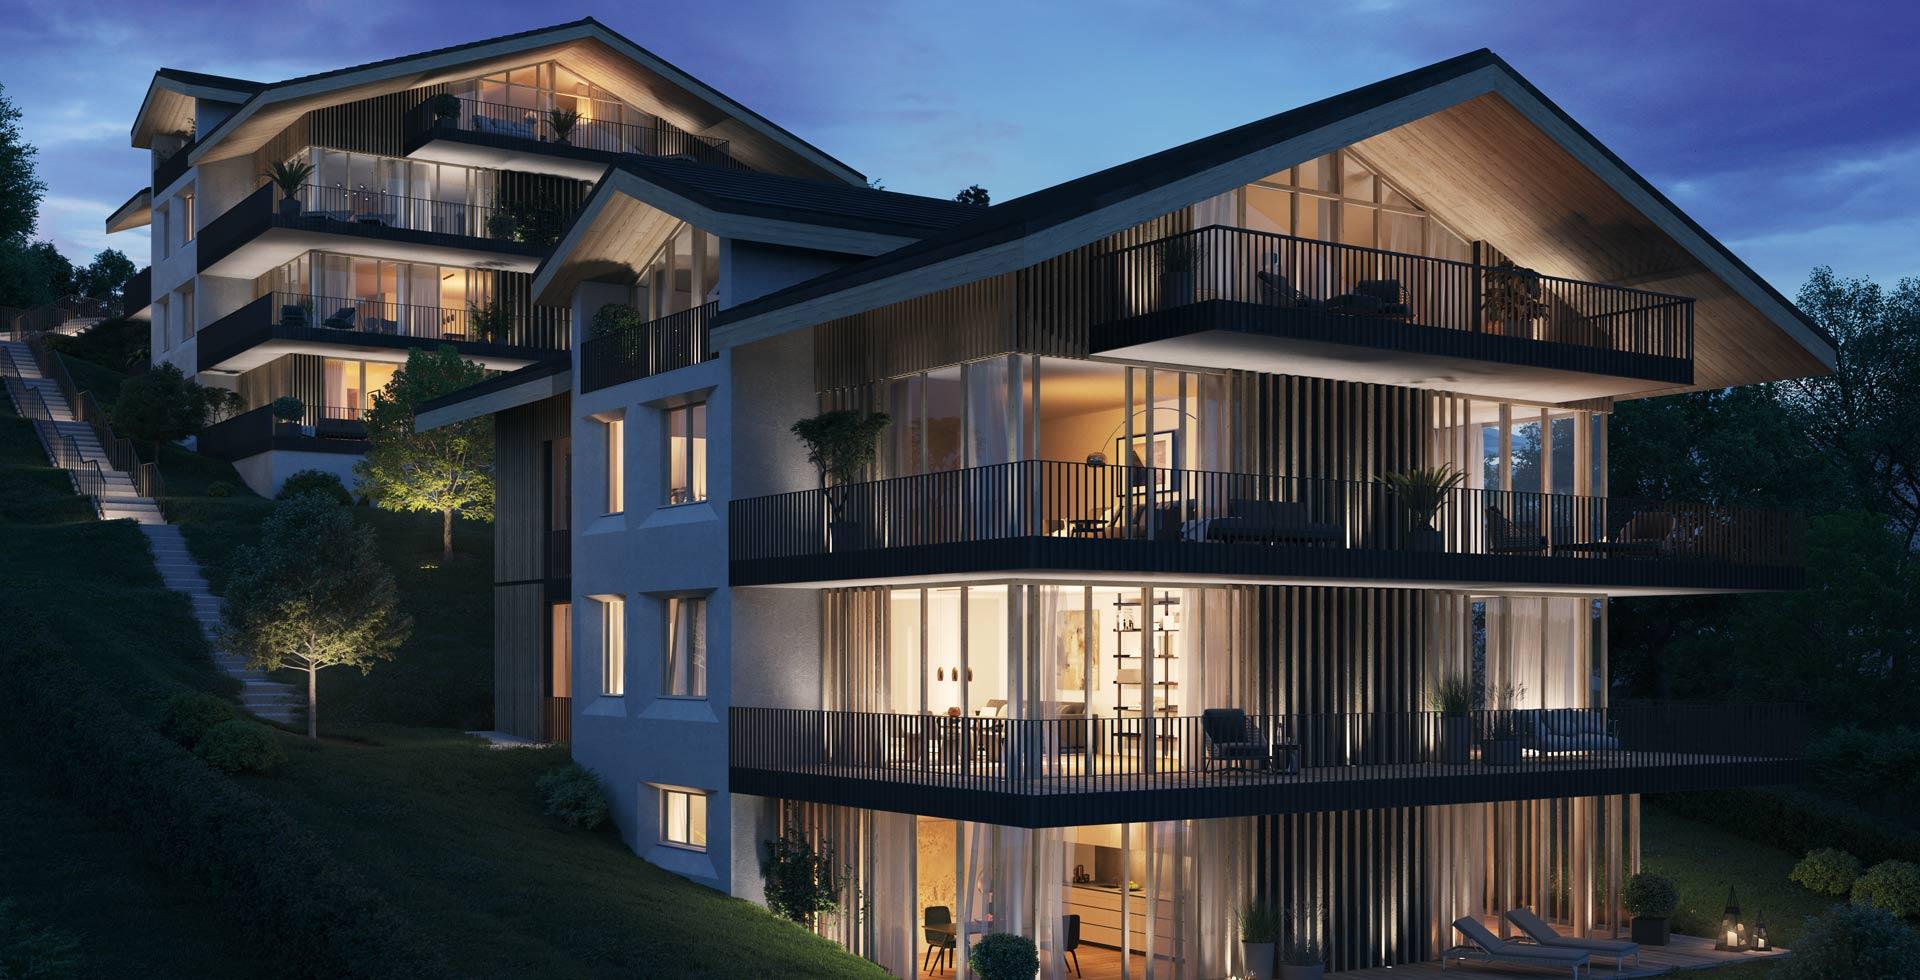 LHOMES_Neubauimmobilie_Klosterwachtstr-Tegernsee-Aussenansicht